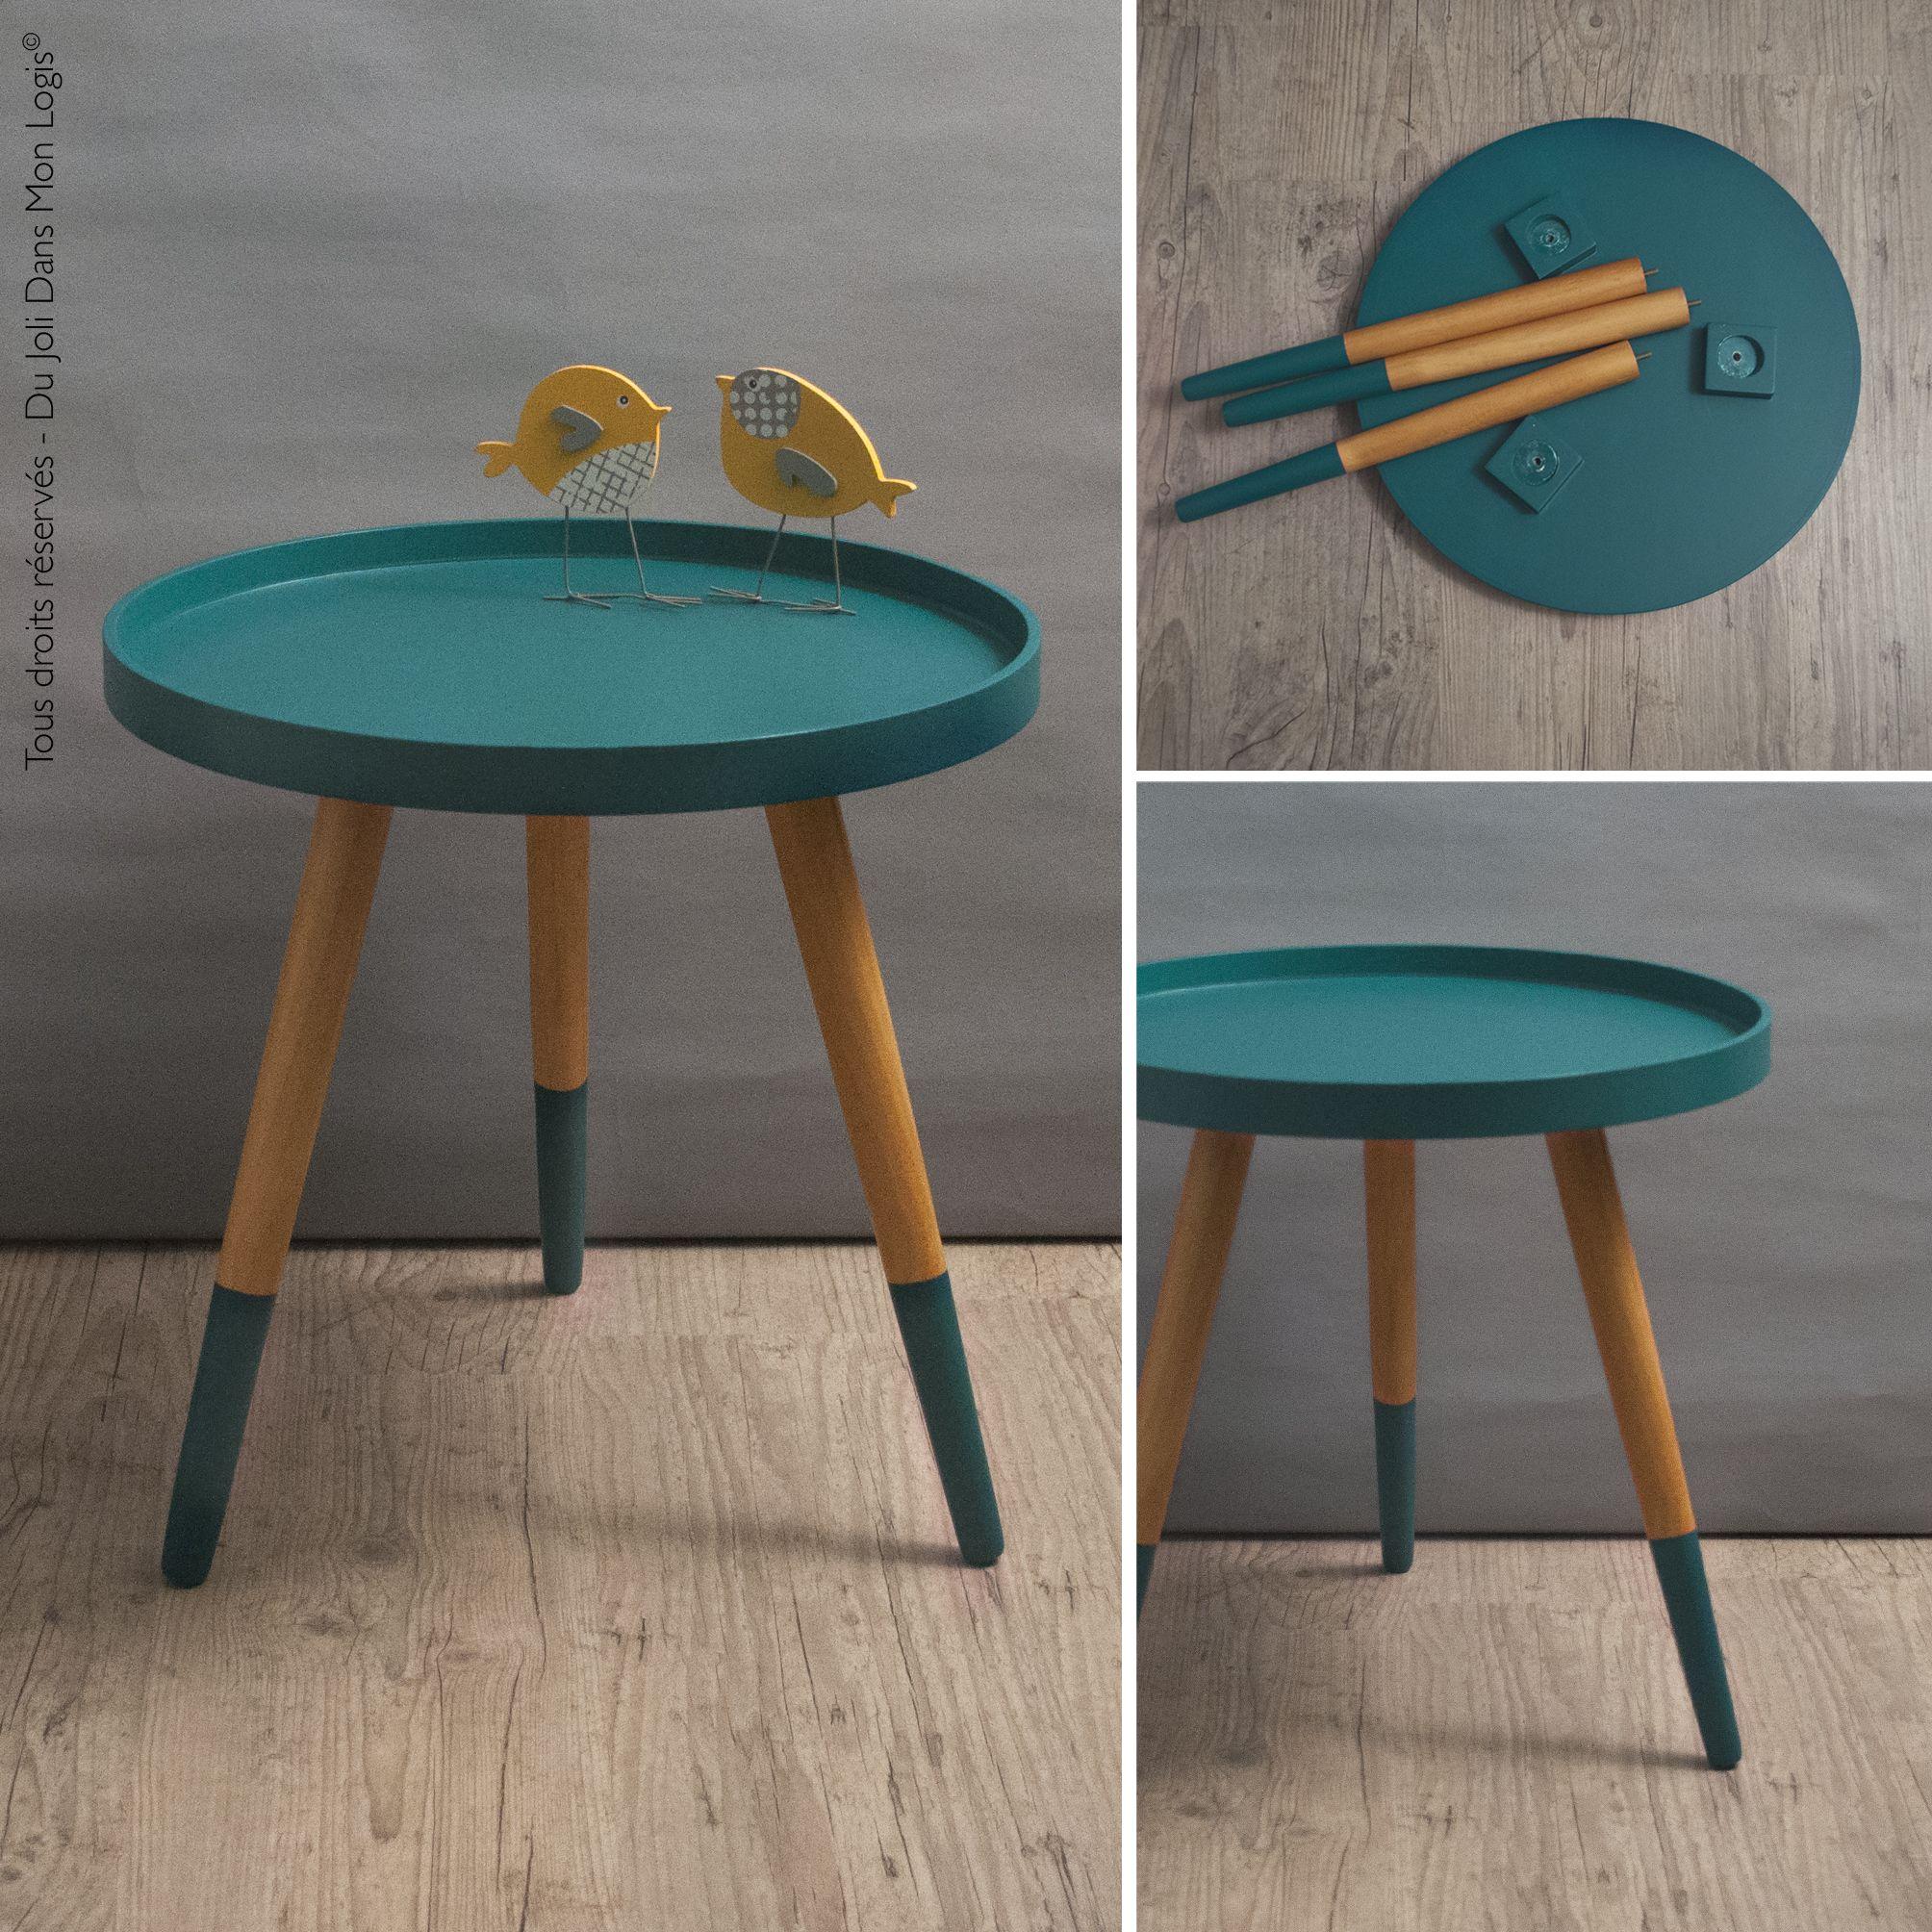 hermione, la table basse trop mignonne ! table tripode vert canard